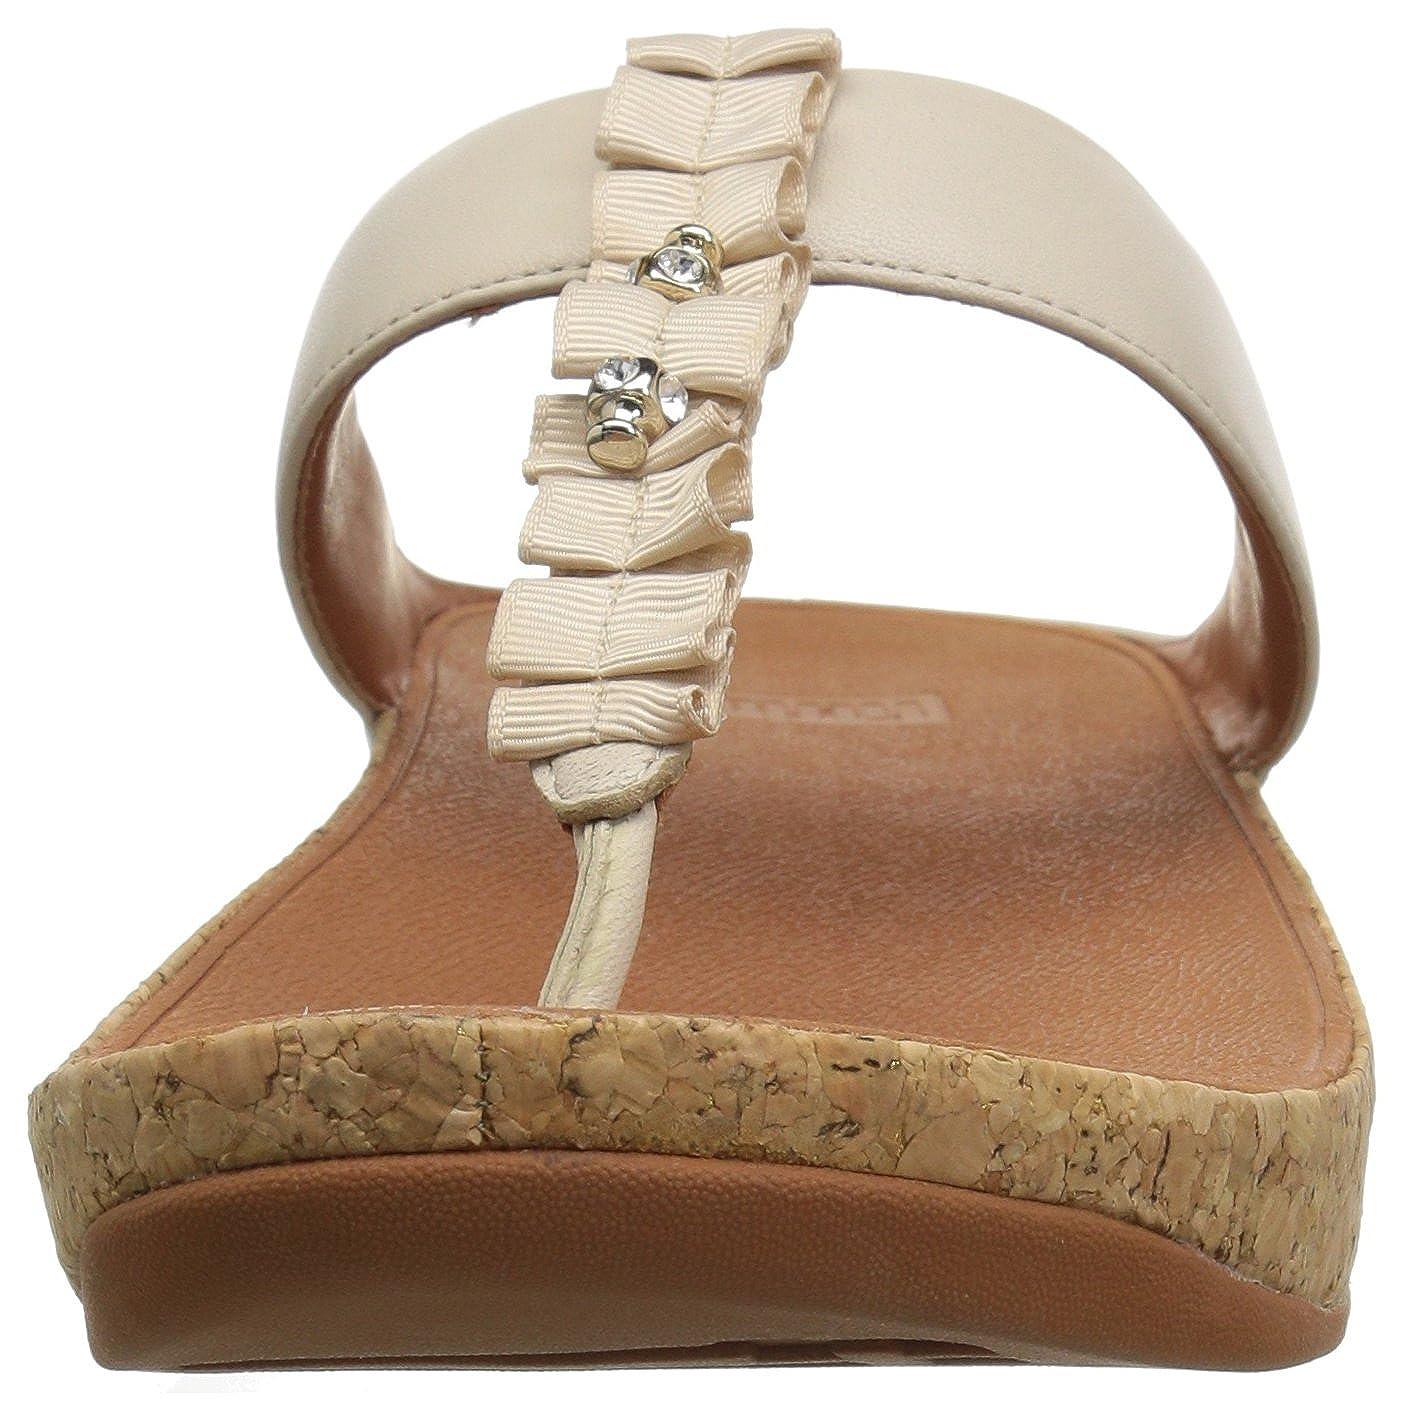 Thong Fitflop Para Sandalias Abierta Punta Sandals Ruffle Toe Con fSHpEnS